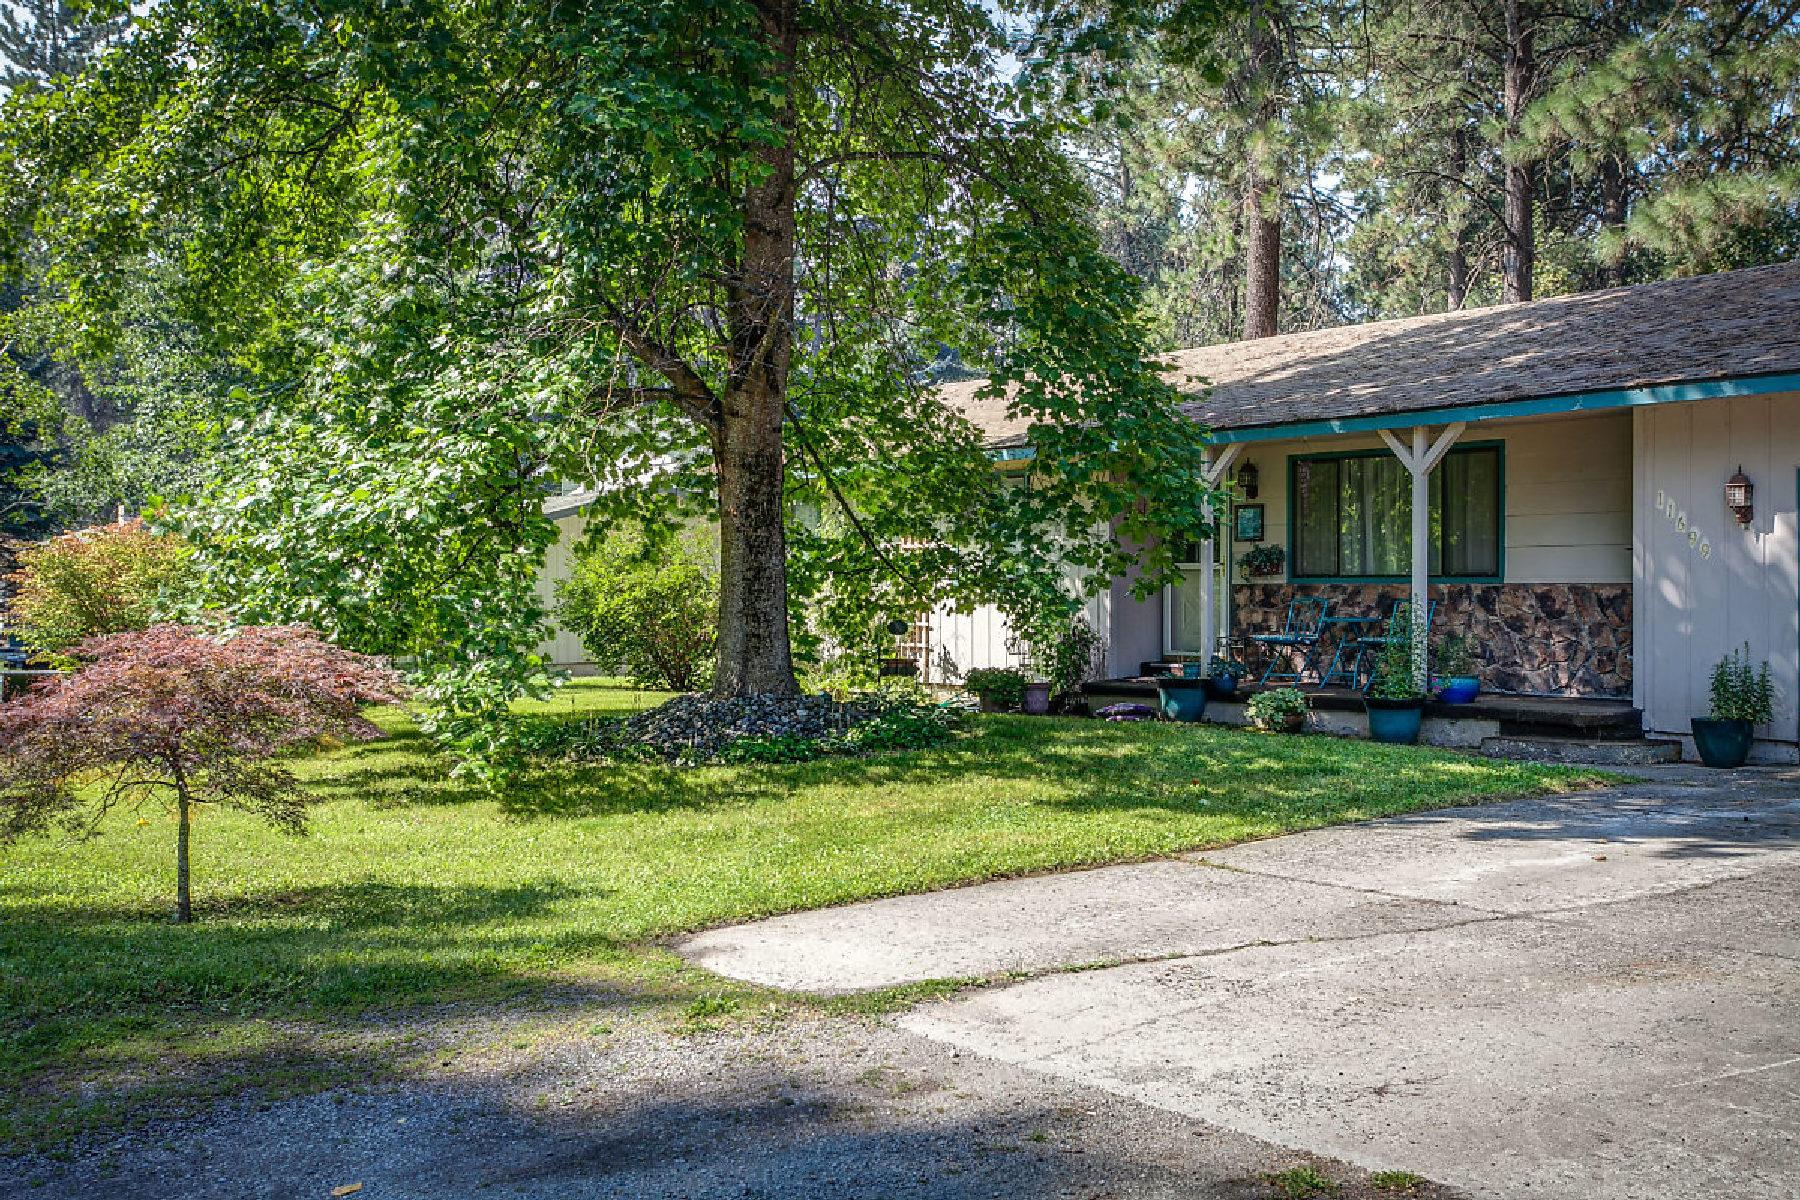 Moradia para Venda às NORTH IDAHO HIDDEN JEWEL 11699 EMERALD, Hayden, Idaho, 83835 Estados Unidos